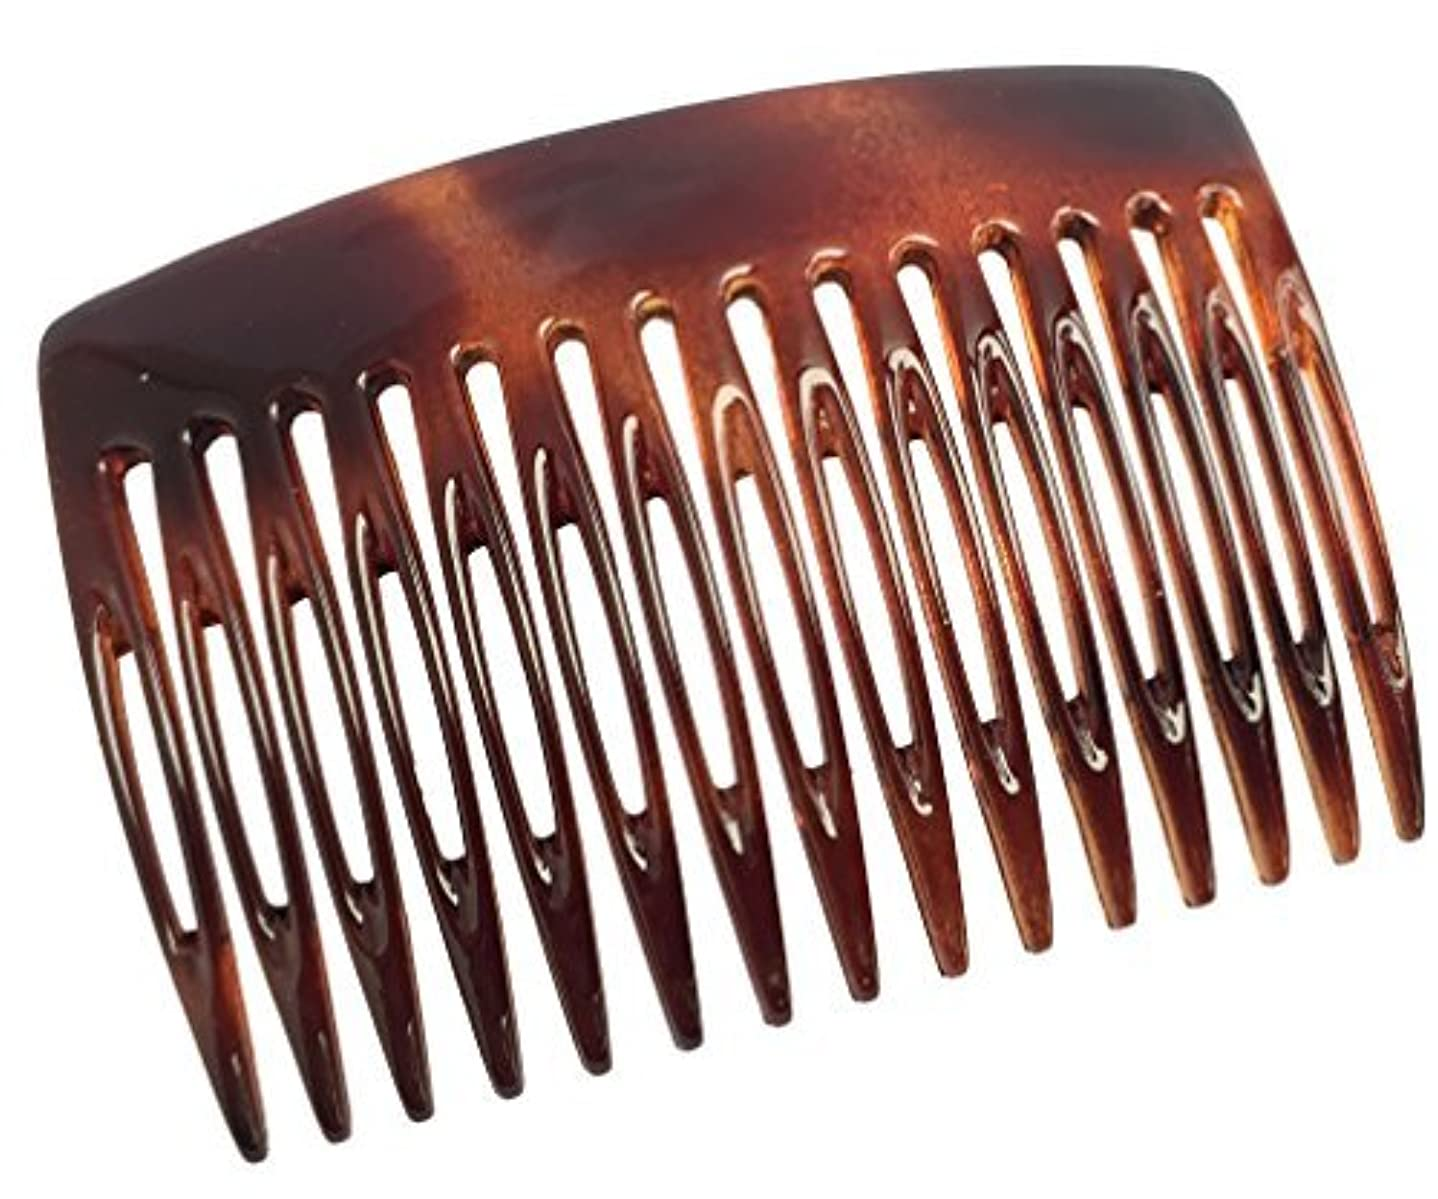 避難アニメーションマイクParcelona French Nice N Simple 2 Pieces Cellulose Tortoise Shell 7 Cm Side Hair Comb Combs [並行輸入品]